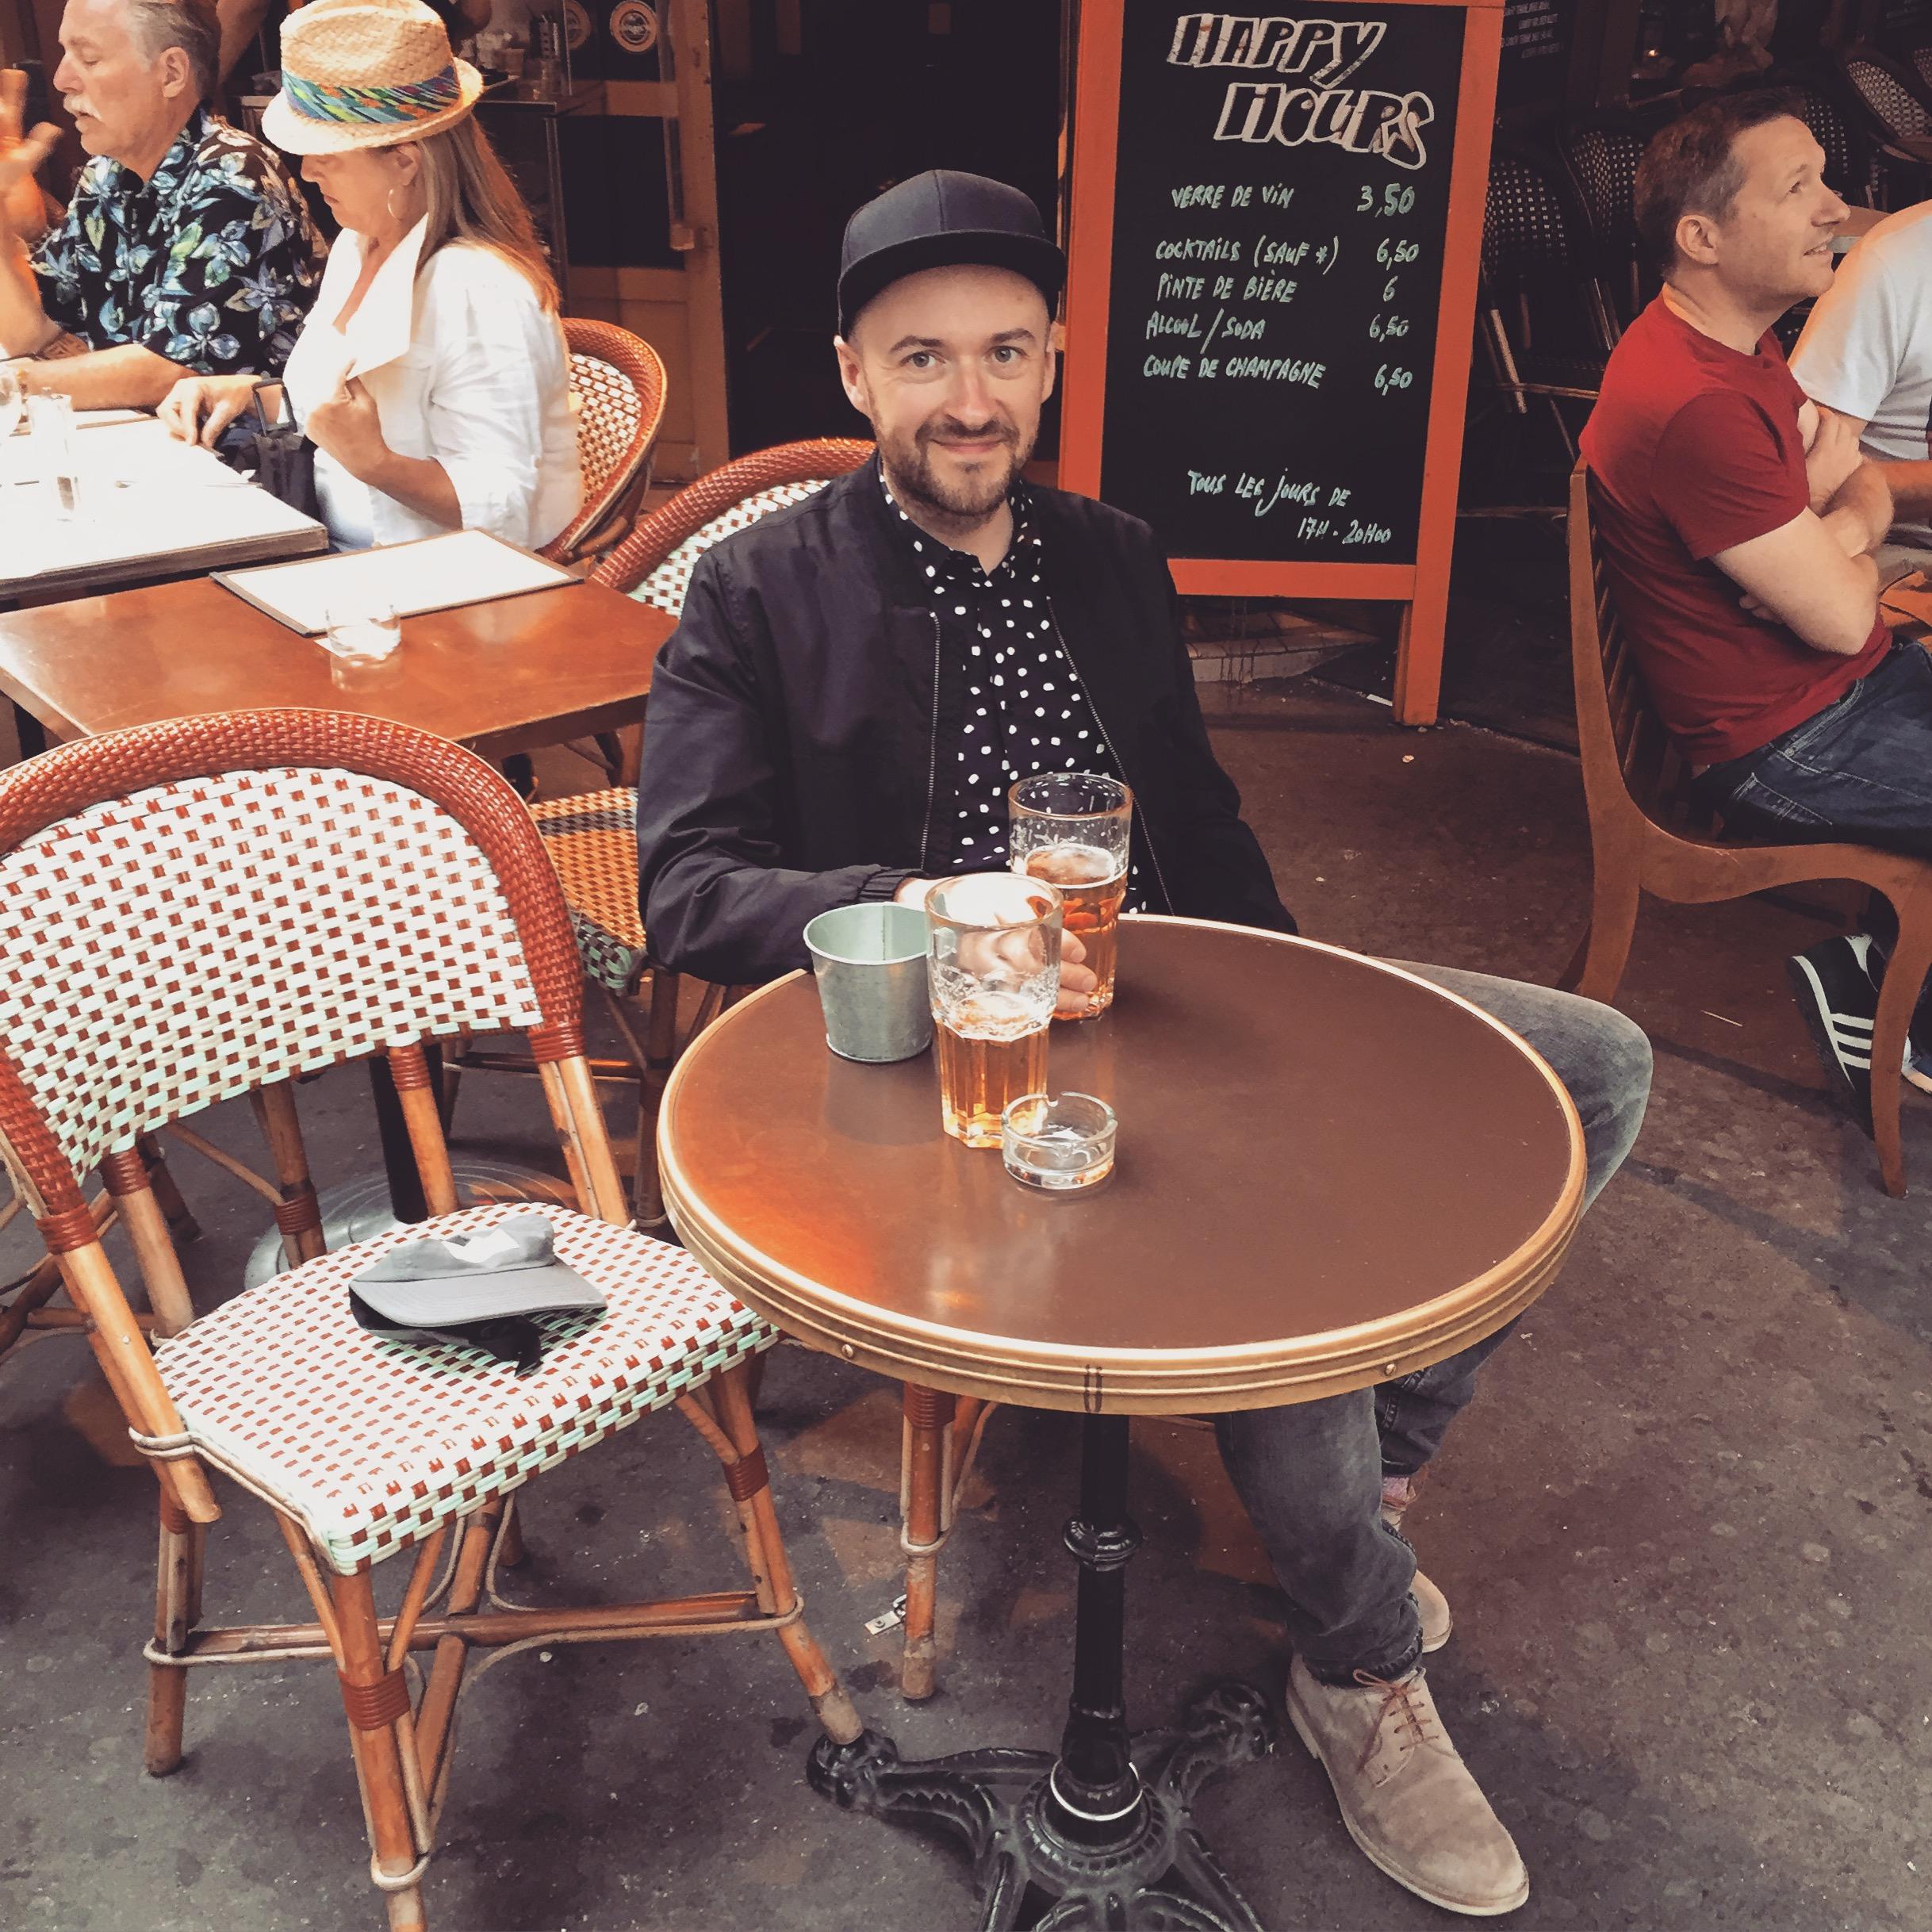 A Brit in Helsinki